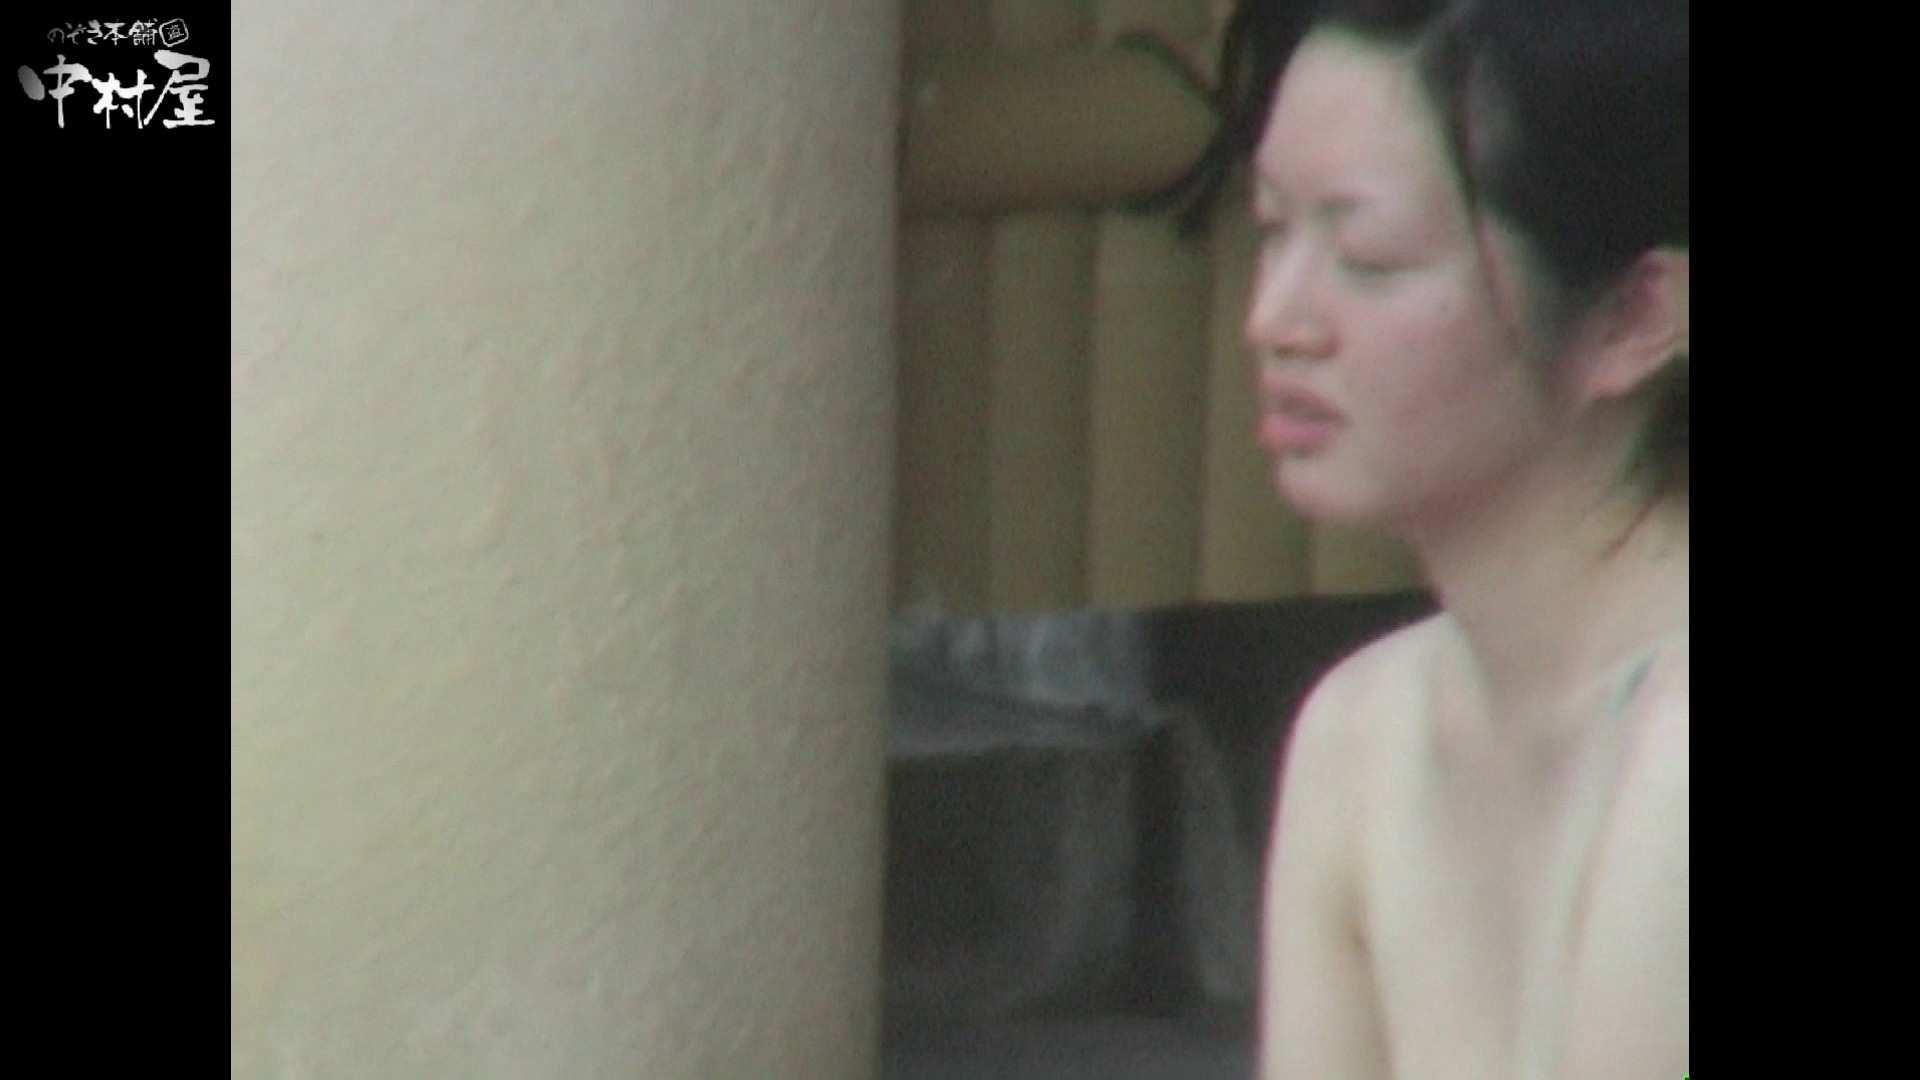 Aquaな露天風呂Vol.942 エッチな盗撮 盗撮動画紹介 92pic 23